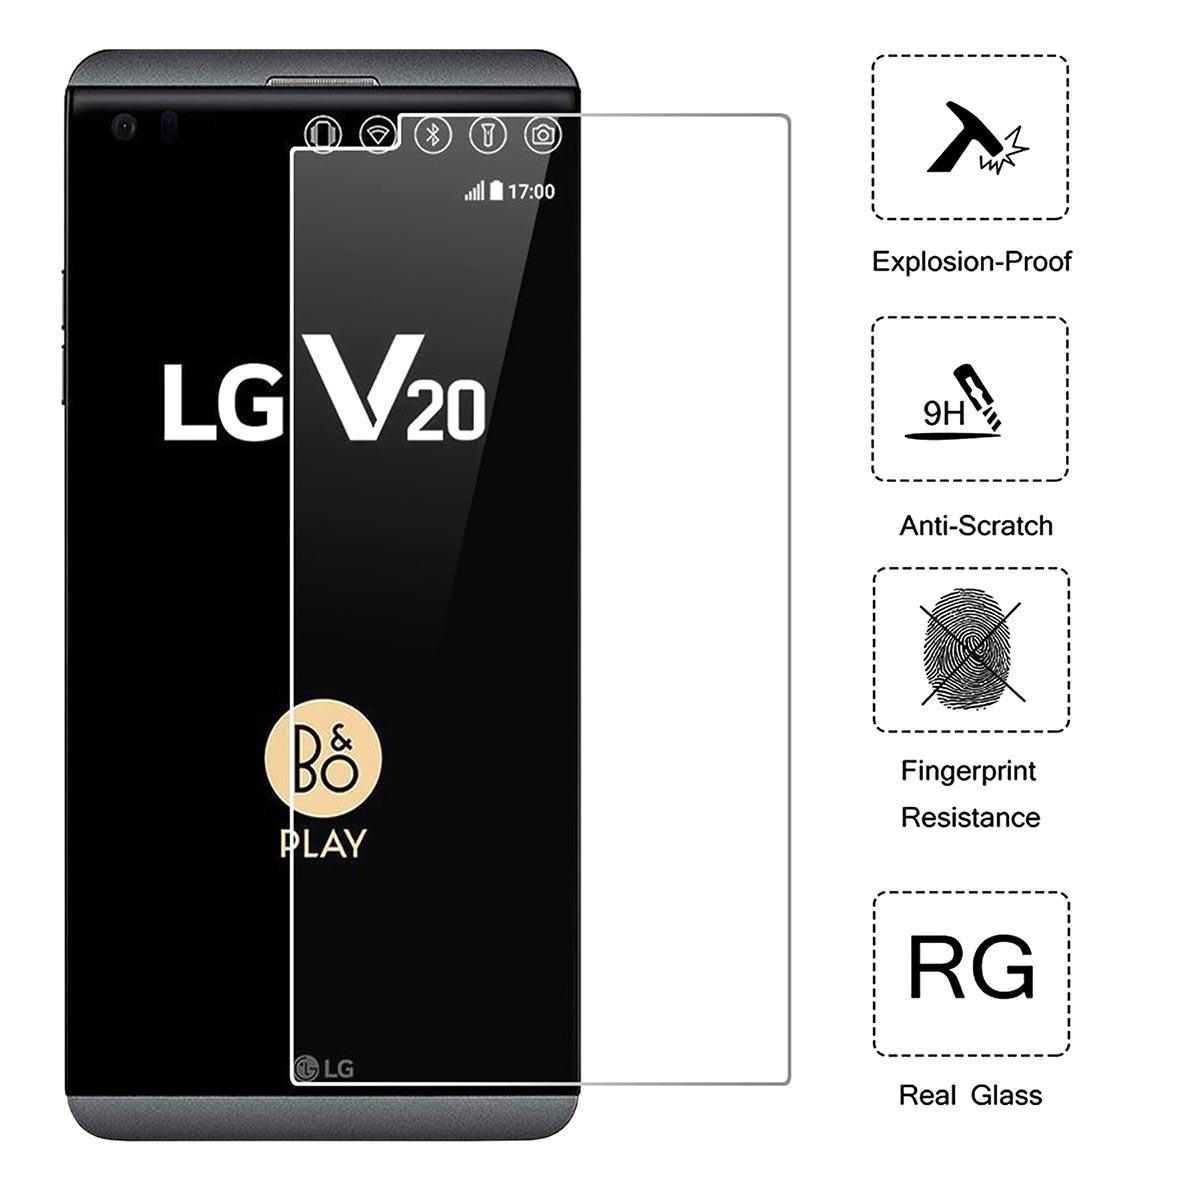 LG-V20-2D-TMP-GLS-2